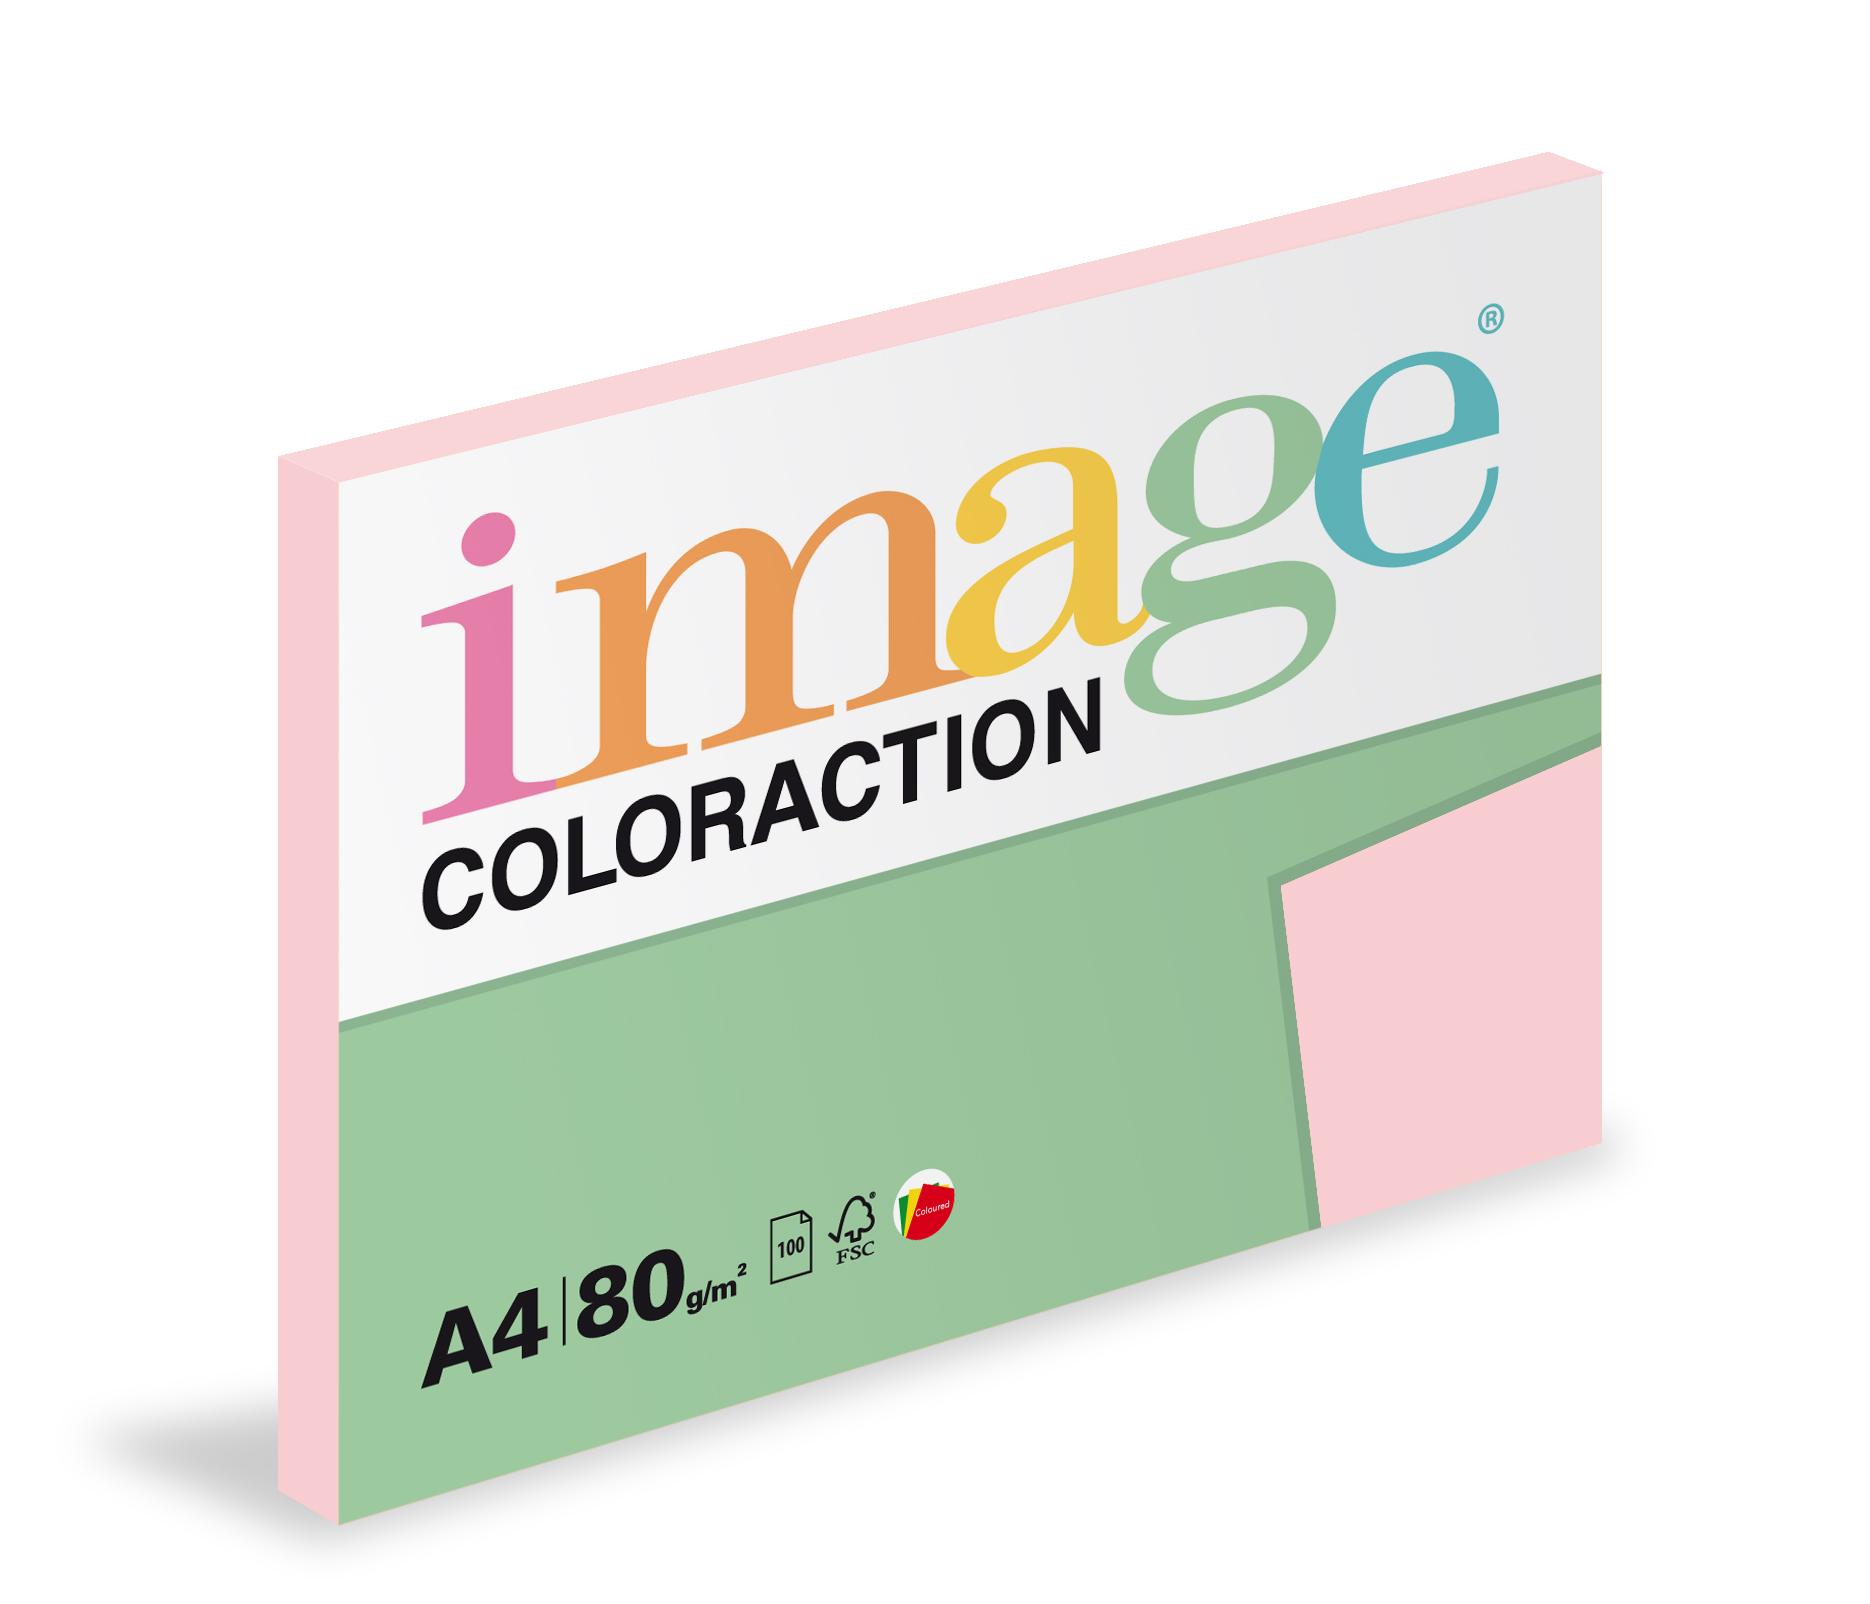 Xerografický papír barevný Coloraction 100 listů - OPI74 tropic / pastelově růžová/ 100 listů